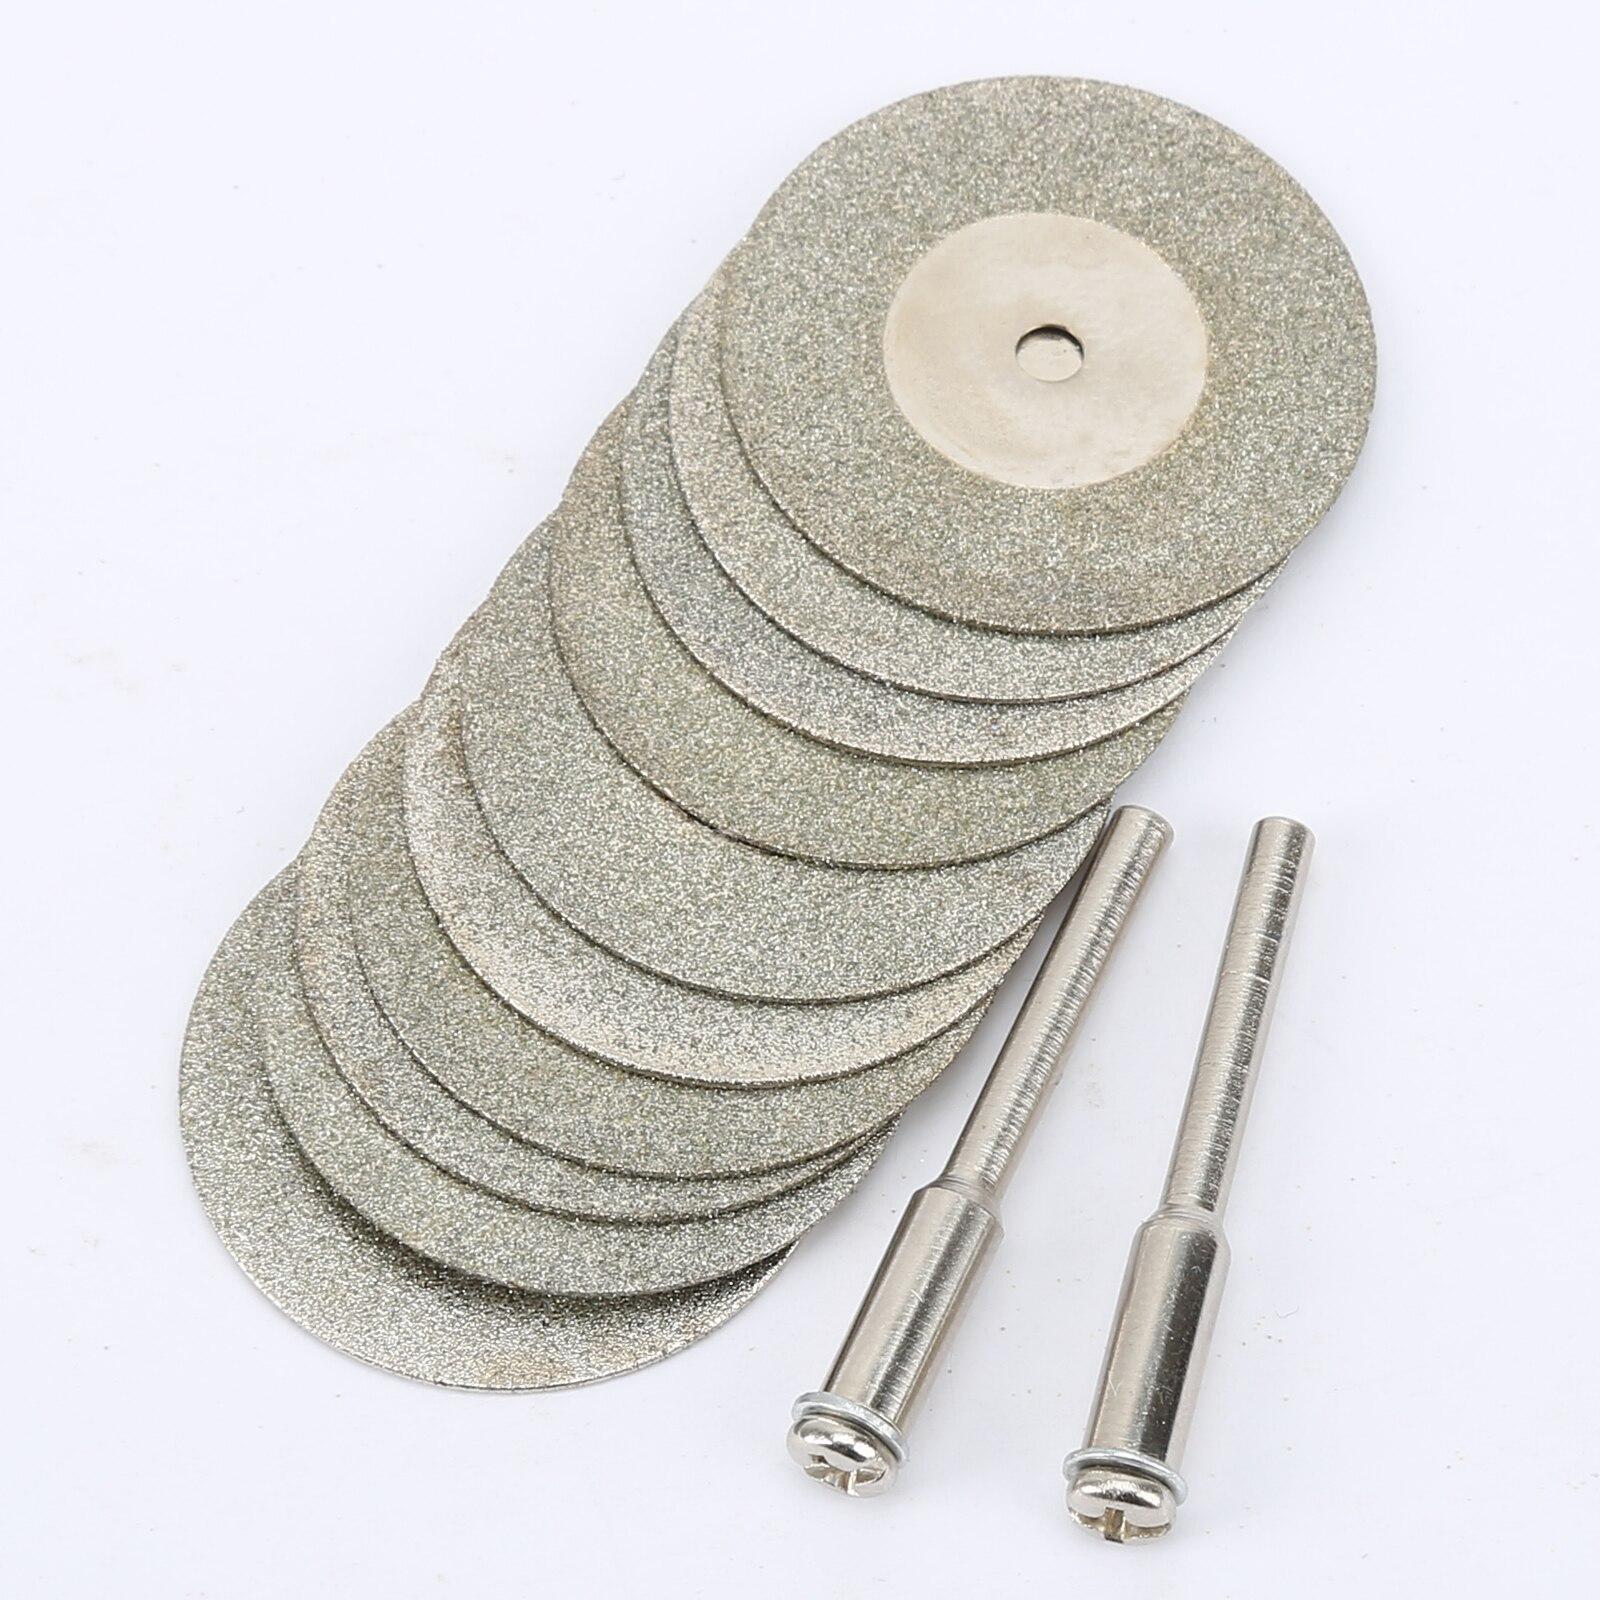 10 шт./компл. 30 мм алмазные режущие диски + 2 зубчатых вала отсечка лезвия сверла Dremel аксессуары роторный инструмент абразивный резной металл